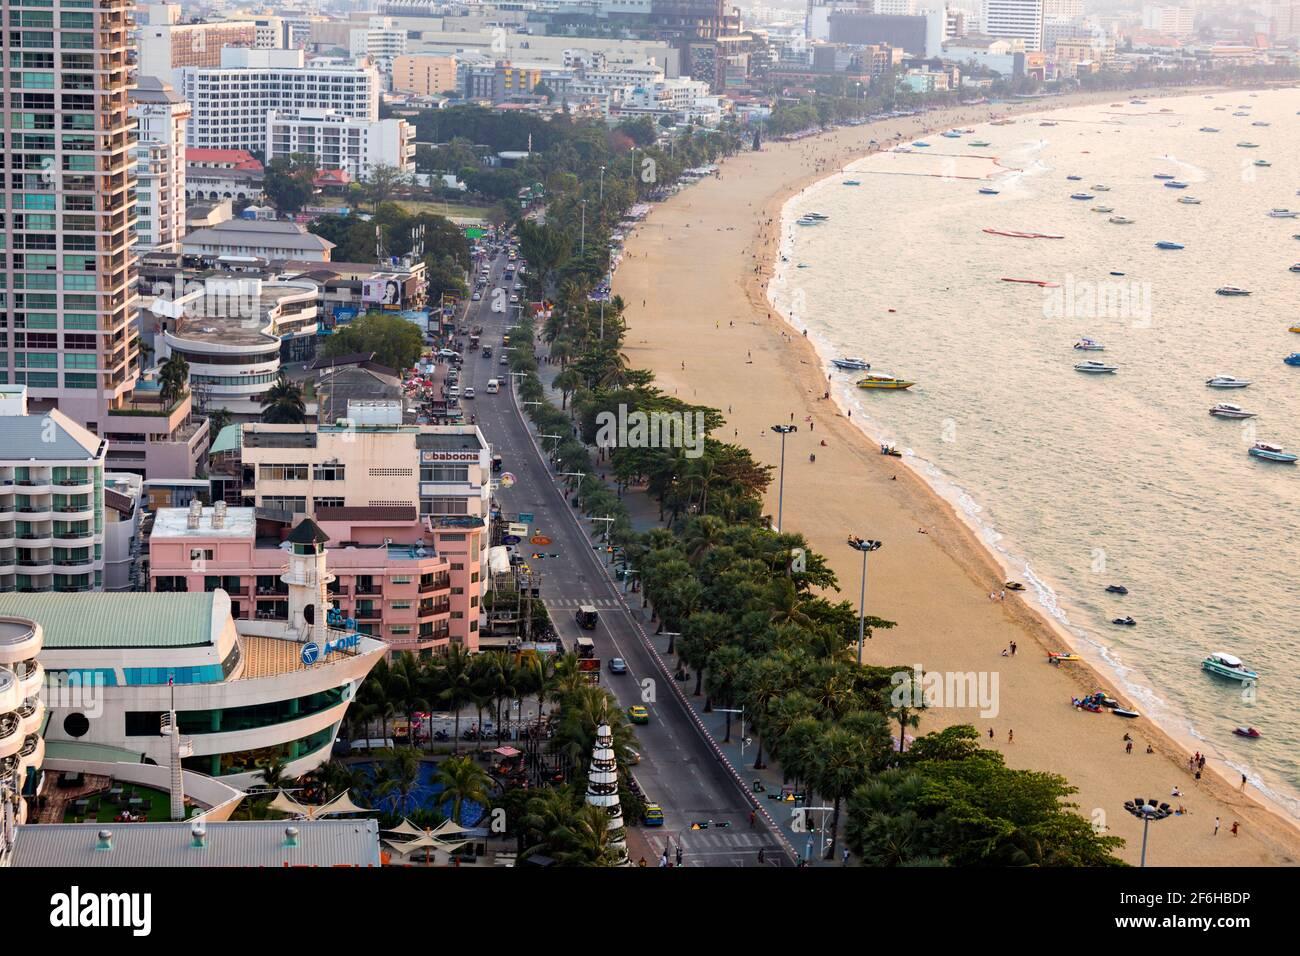 Front de mer, plage et bateaux de croisière, Pattaya, Thaïlande Banque D'Images